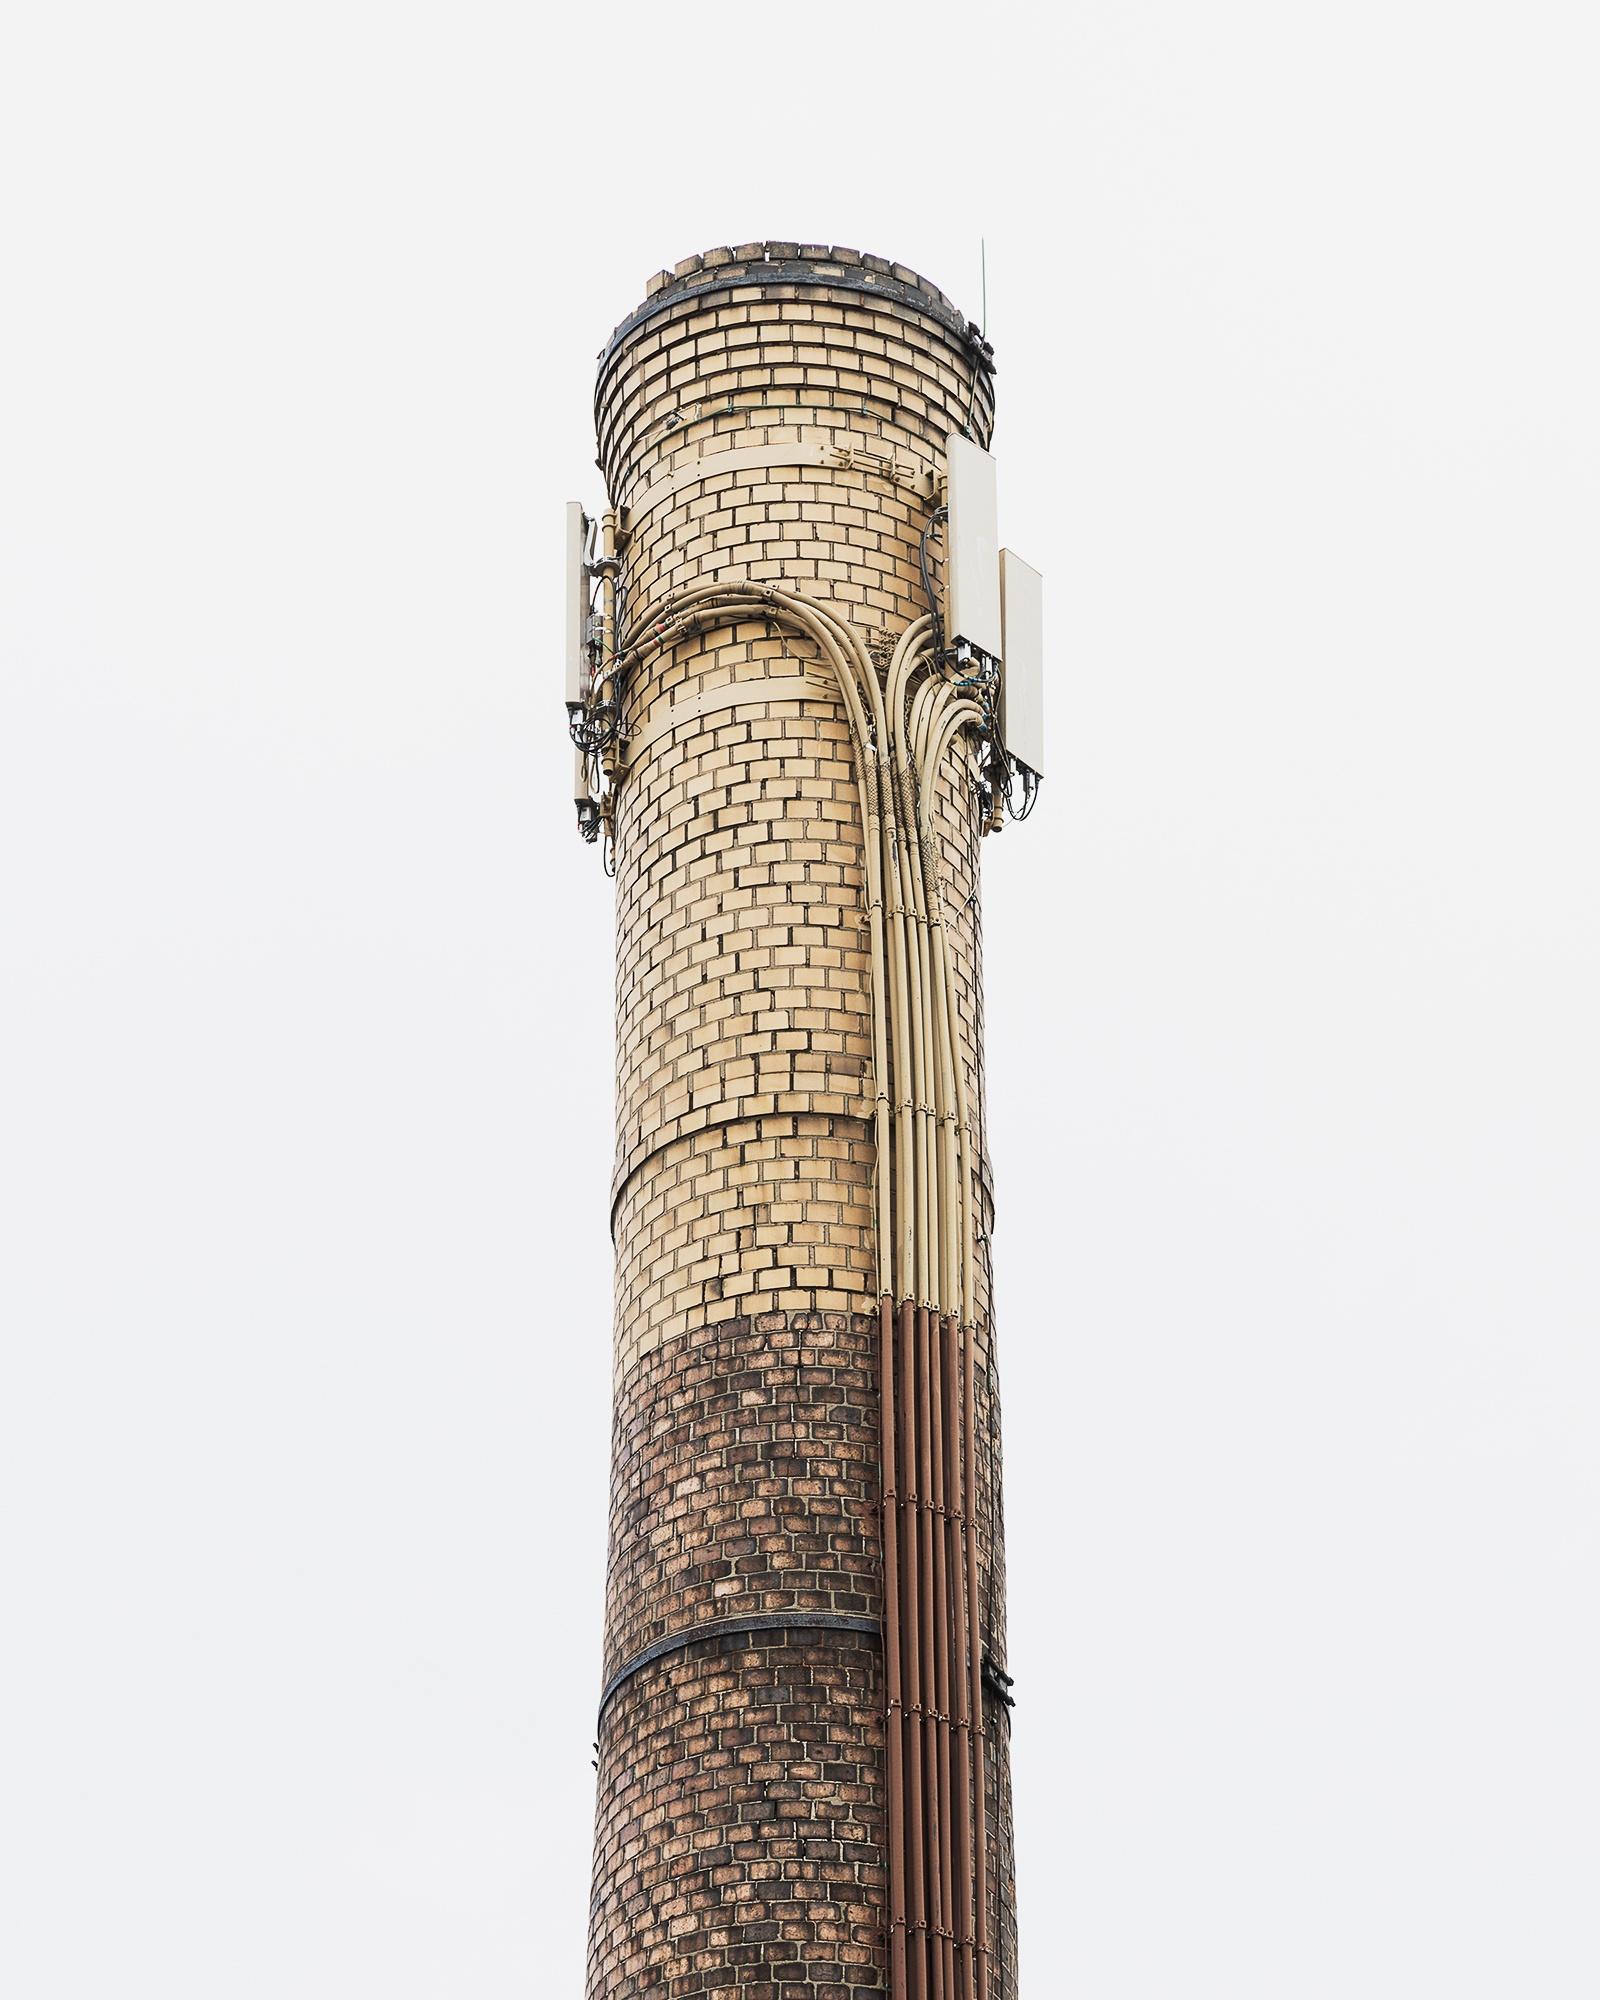 antenna chimney brick